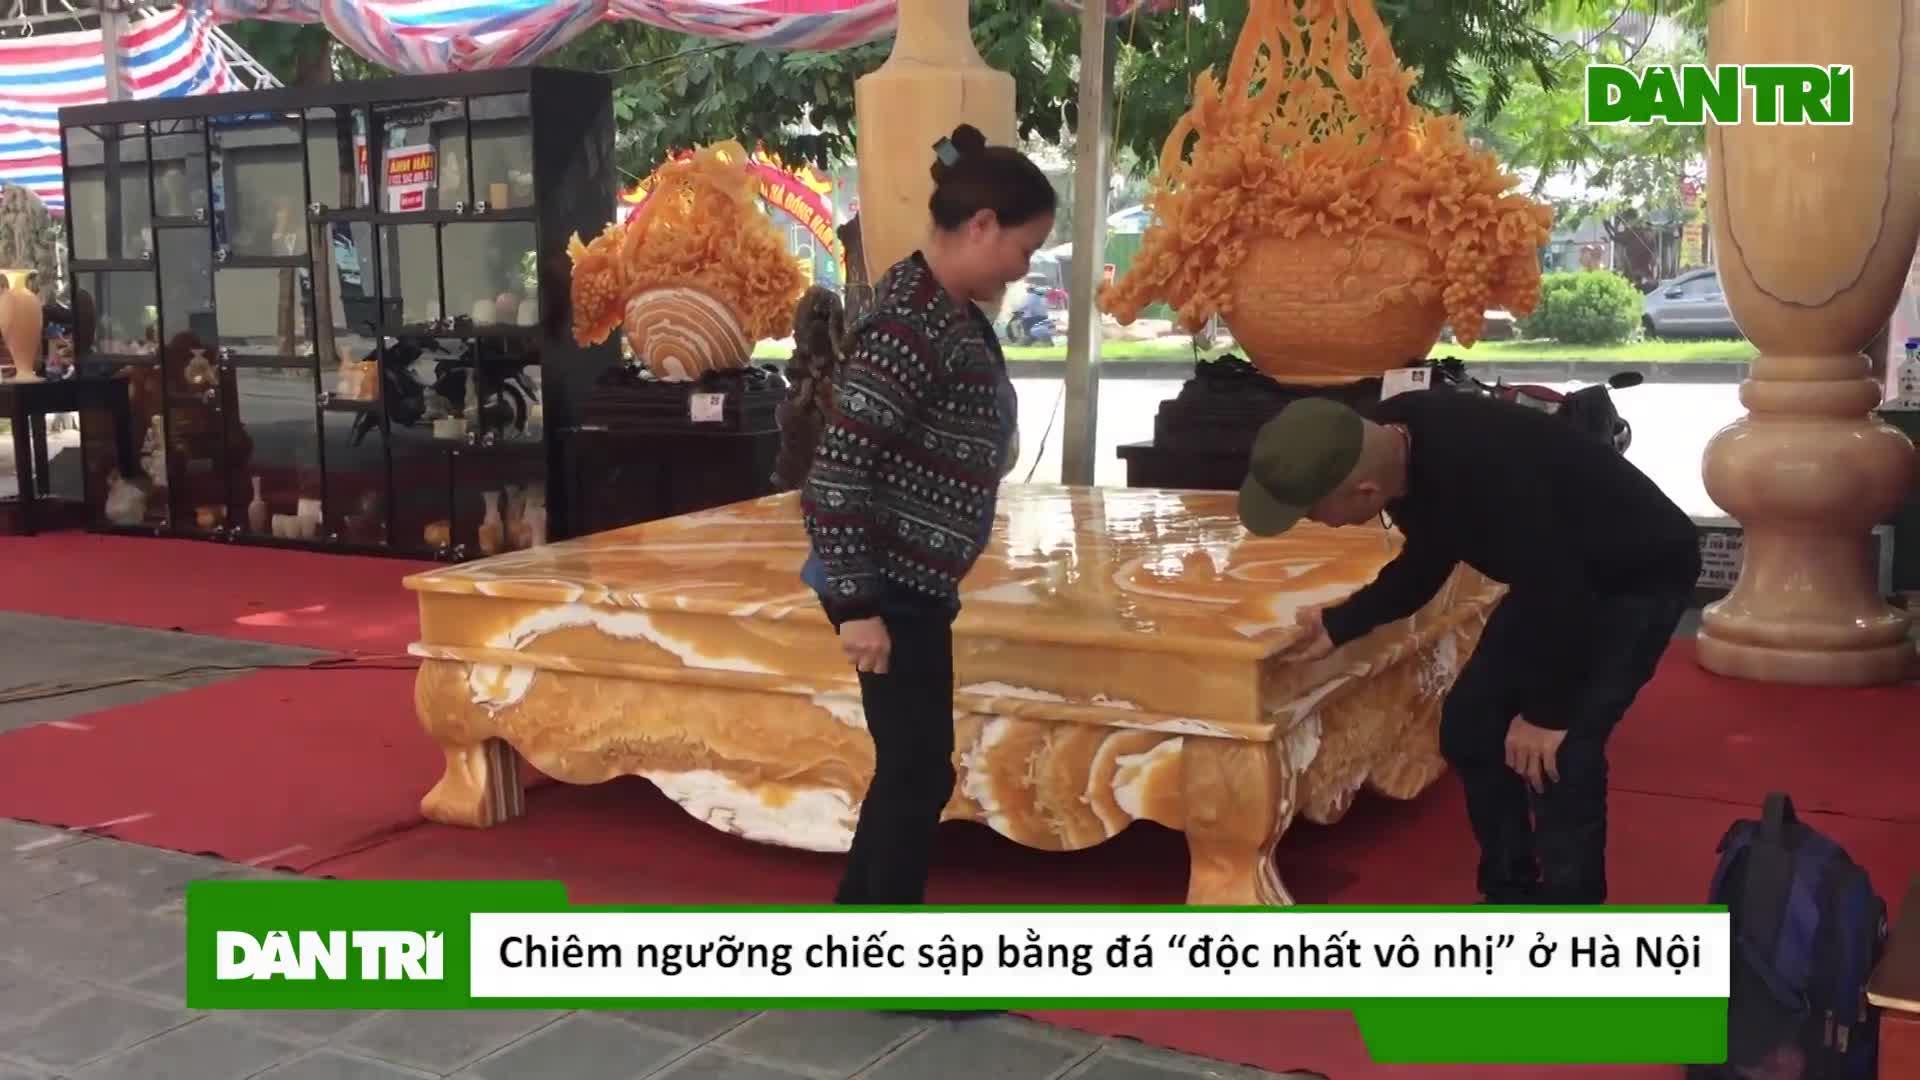 """Chiêm ngưỡng chiếc sập bằng đá """"độc nhất vô nhị"""" ở Hà Nội"""